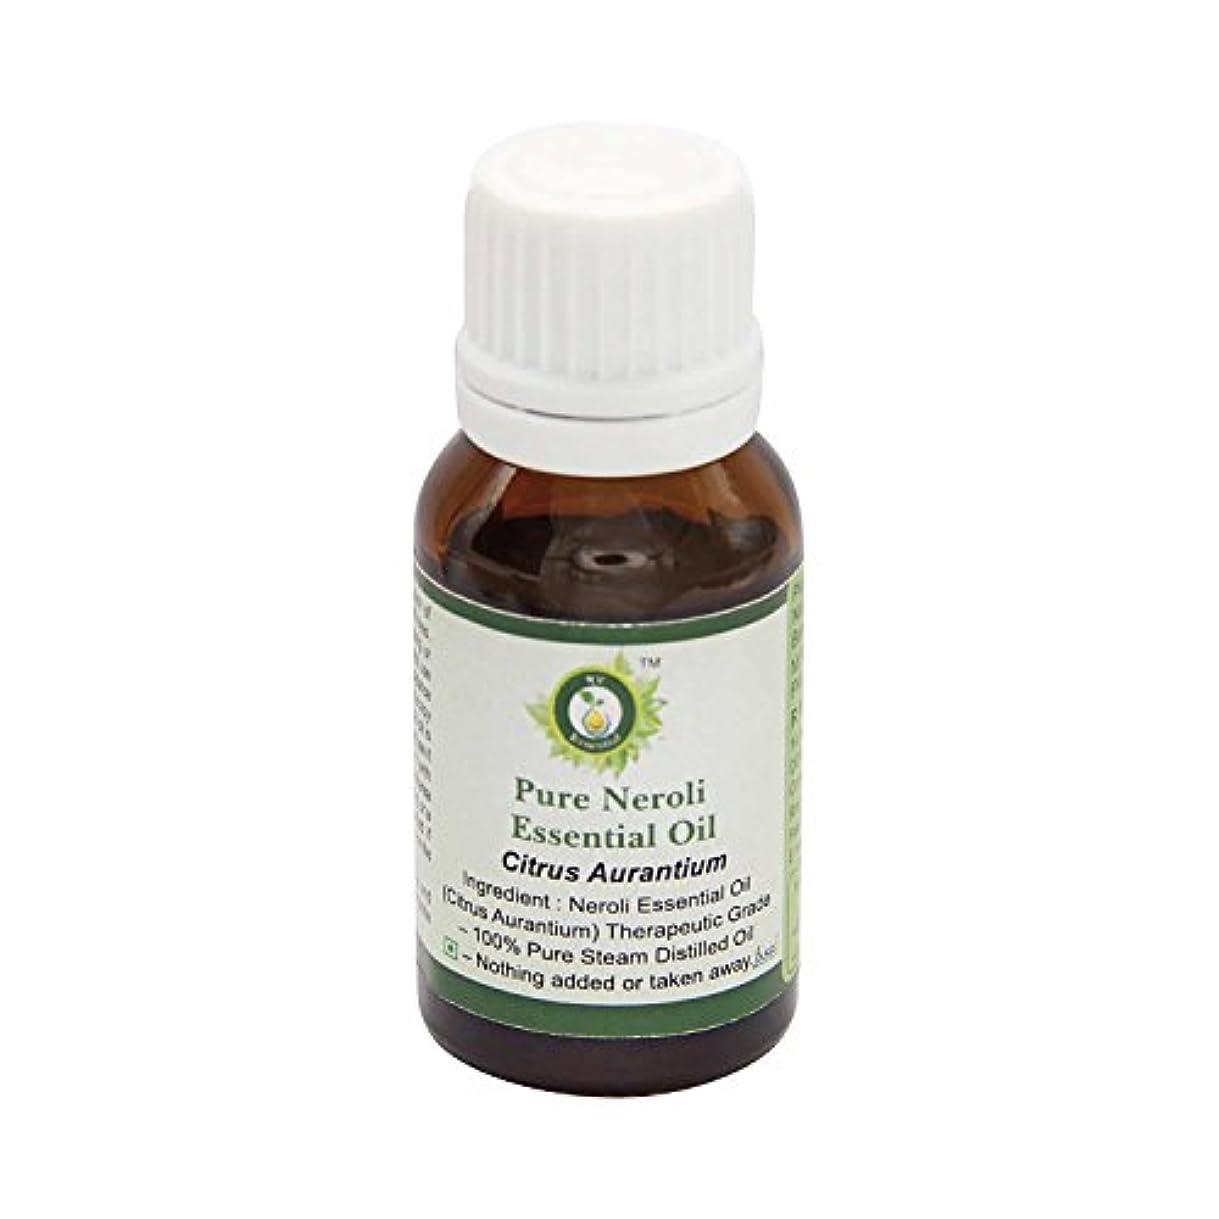 韻つまらないぬれたR V Essential ピュアネロリエッセンシャルオイル30ml (1.01oz)- Citrus Aurantium (100%純粋&天然スチームDistilled) Pure Neroli Essential Oil